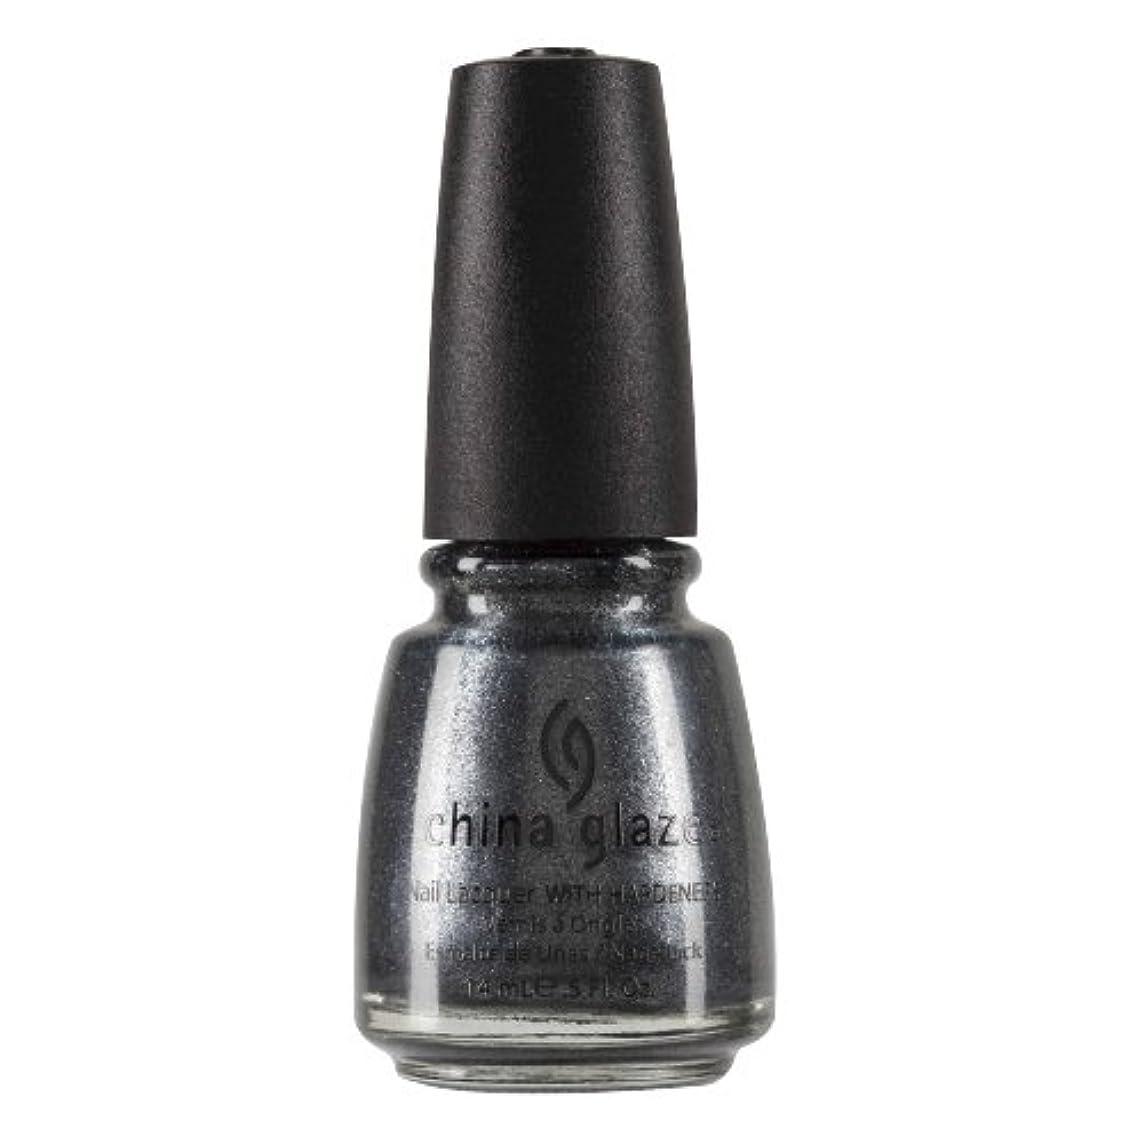 無数の頂点丈夫CHINA GLAZE Nail Lacquer with Nail Hardner 2 - Jitterbug (並行輸入品)